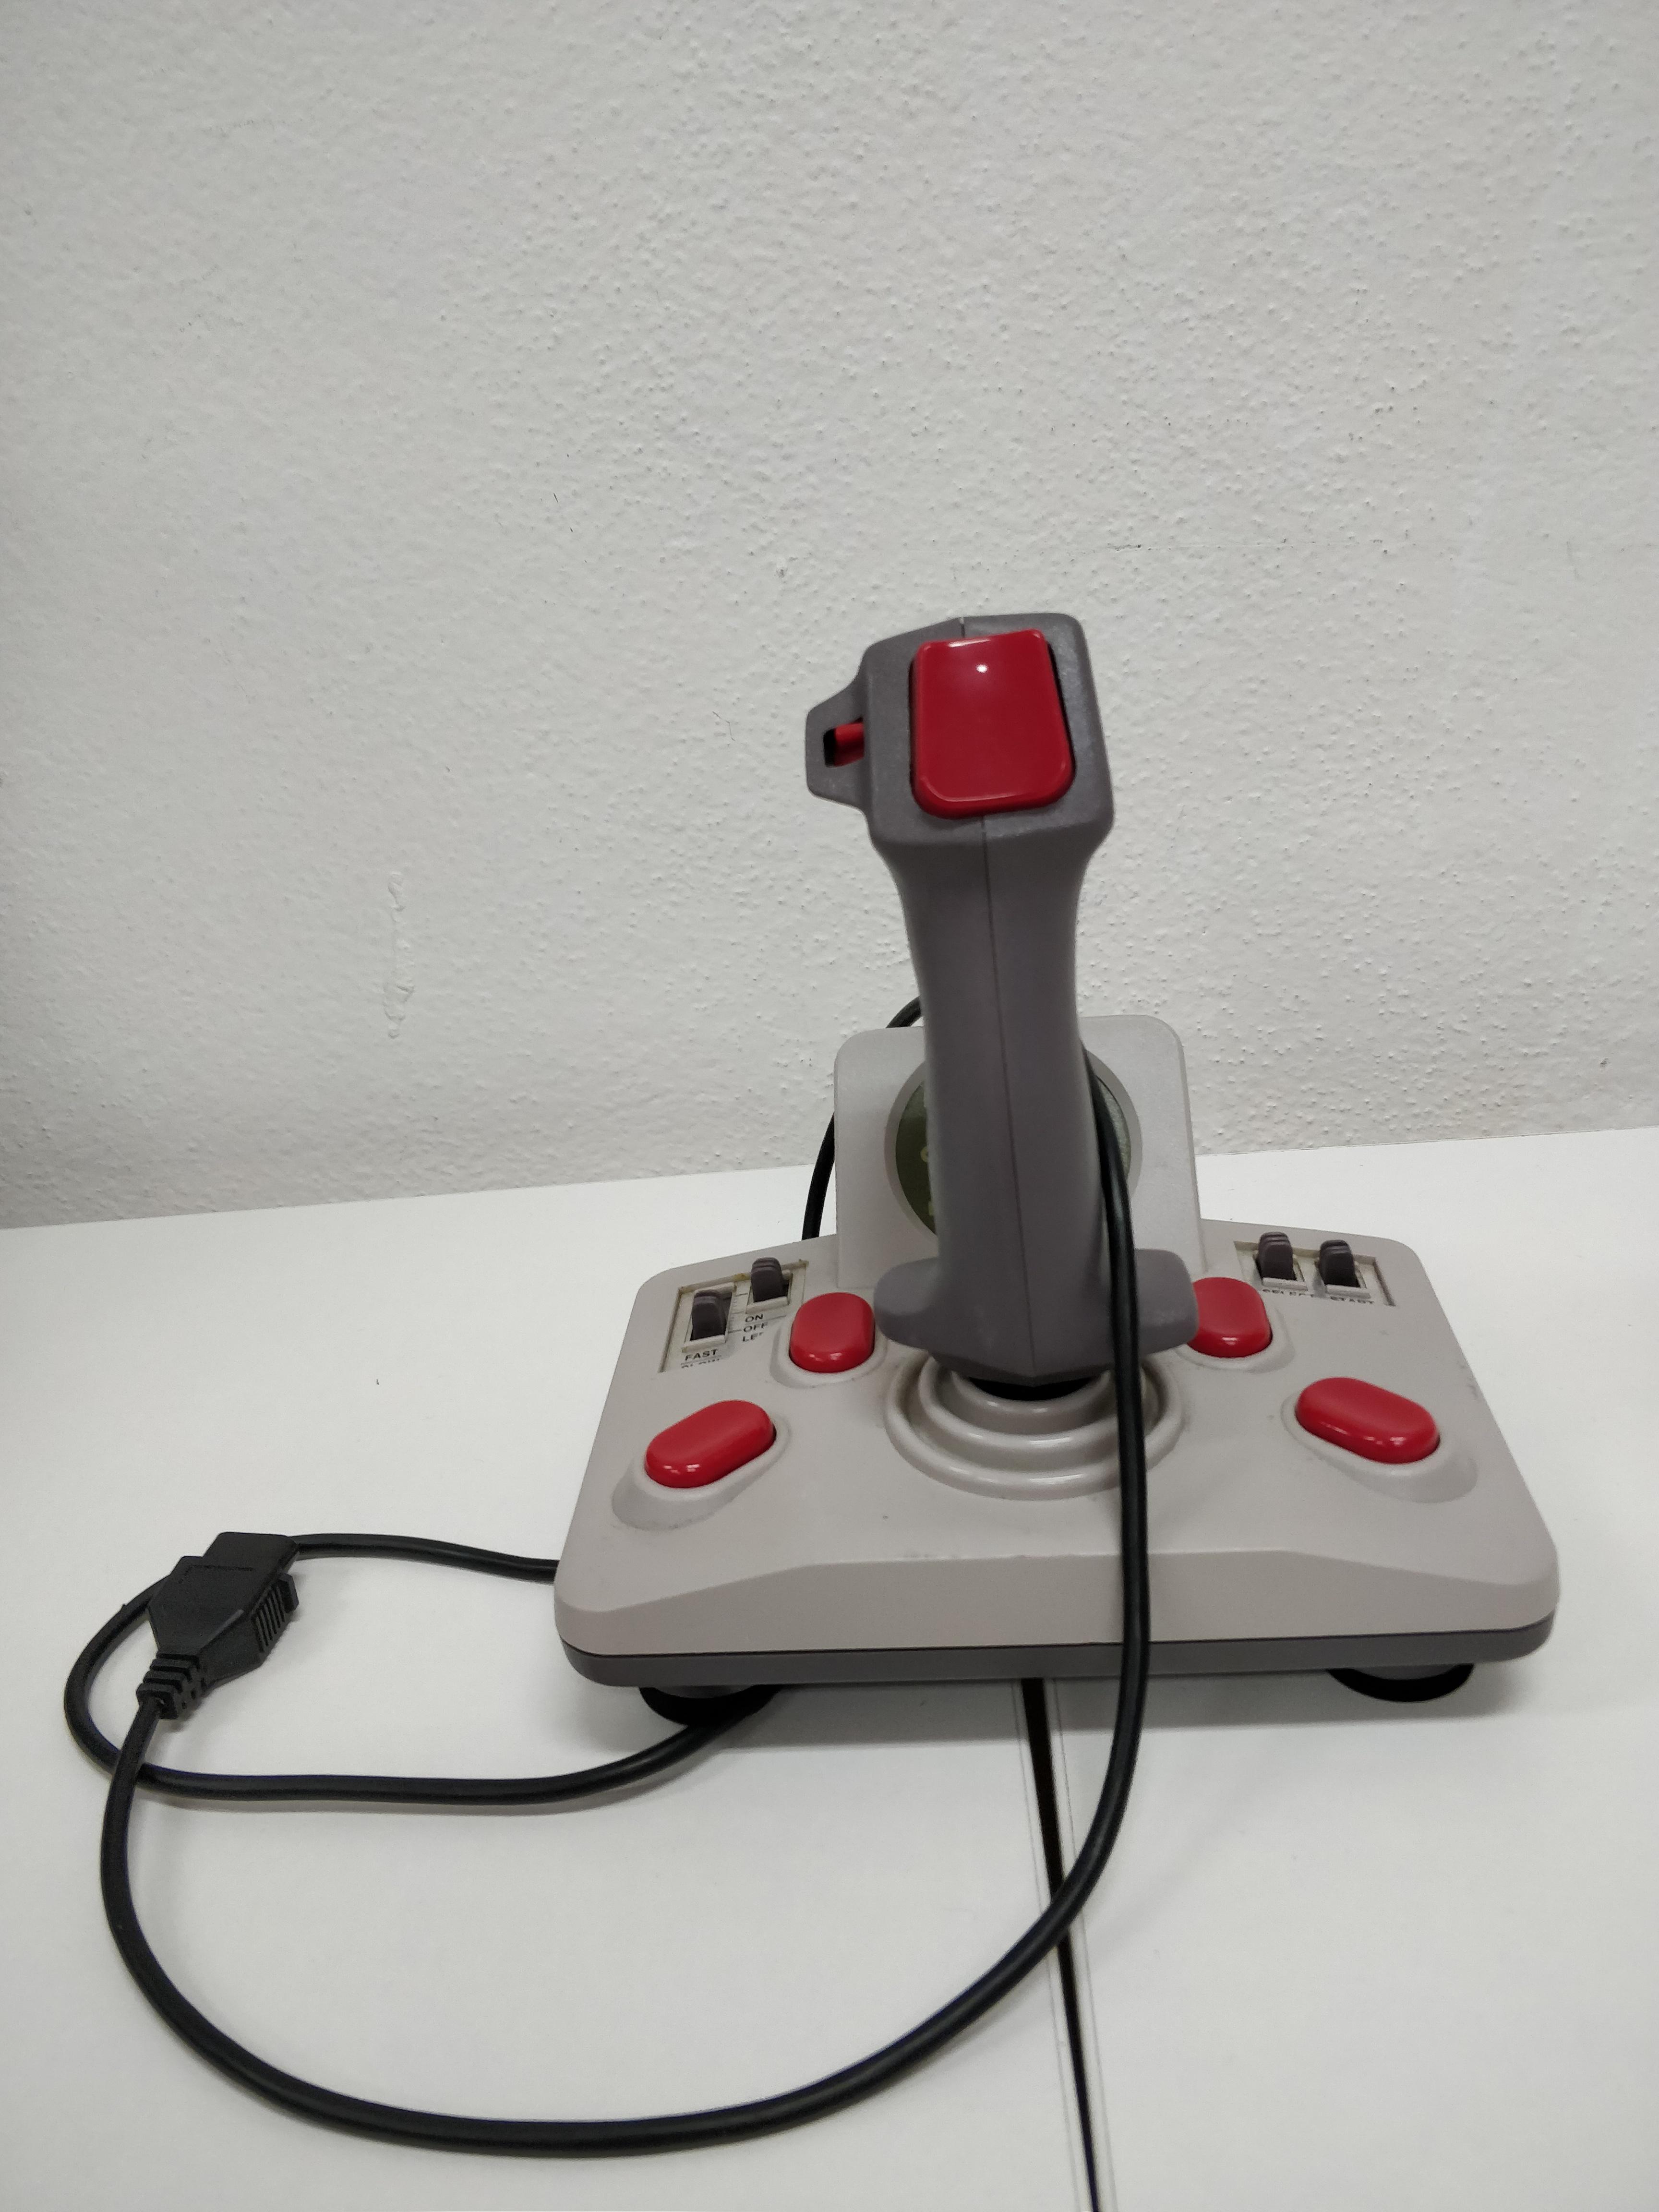 [Nintendo SNES] QuickJoy N Pro Joystick (estetická vada)